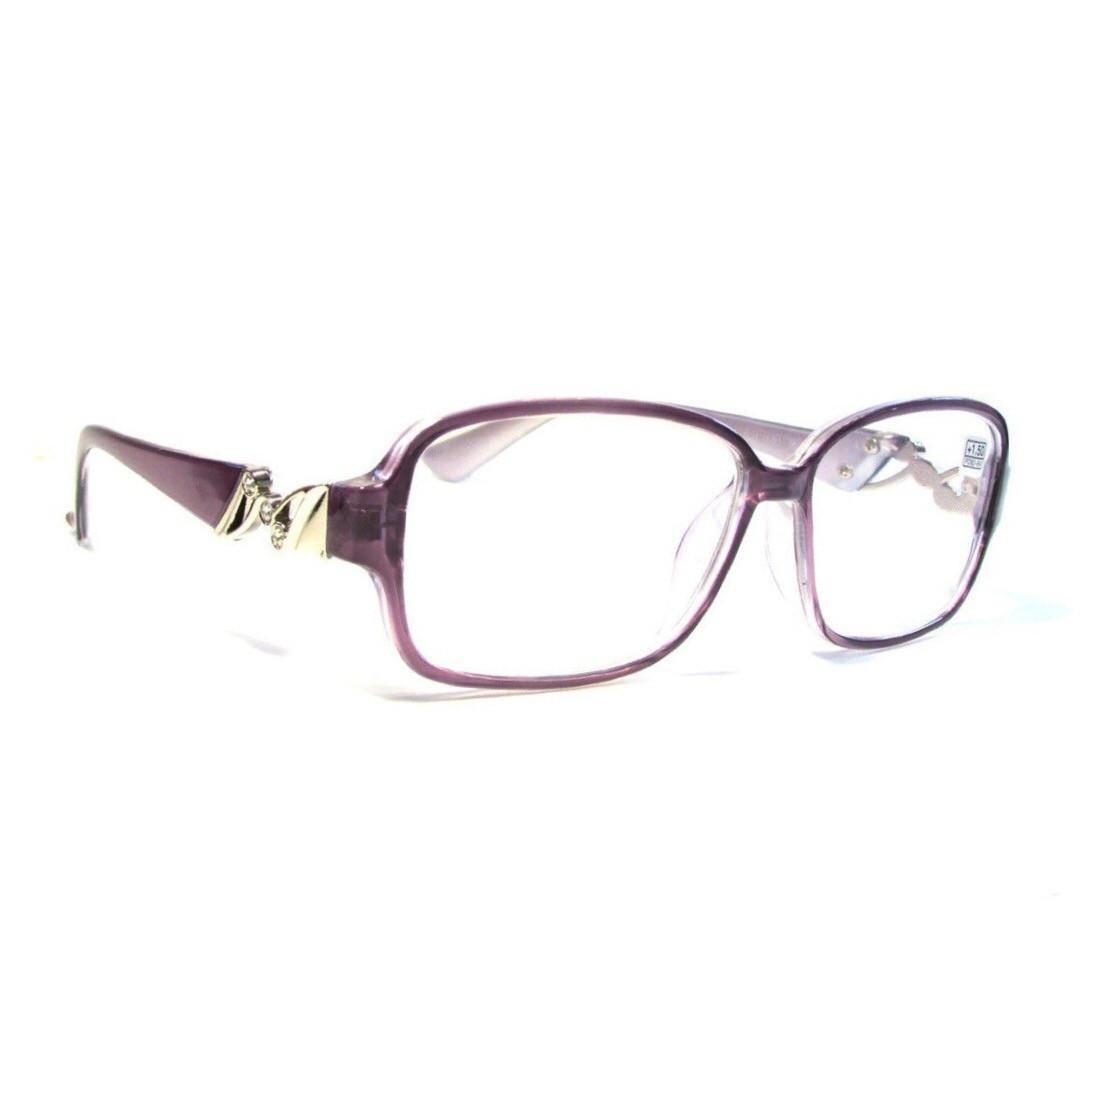 Женские очки в пластмассовой оправе с белой линзой